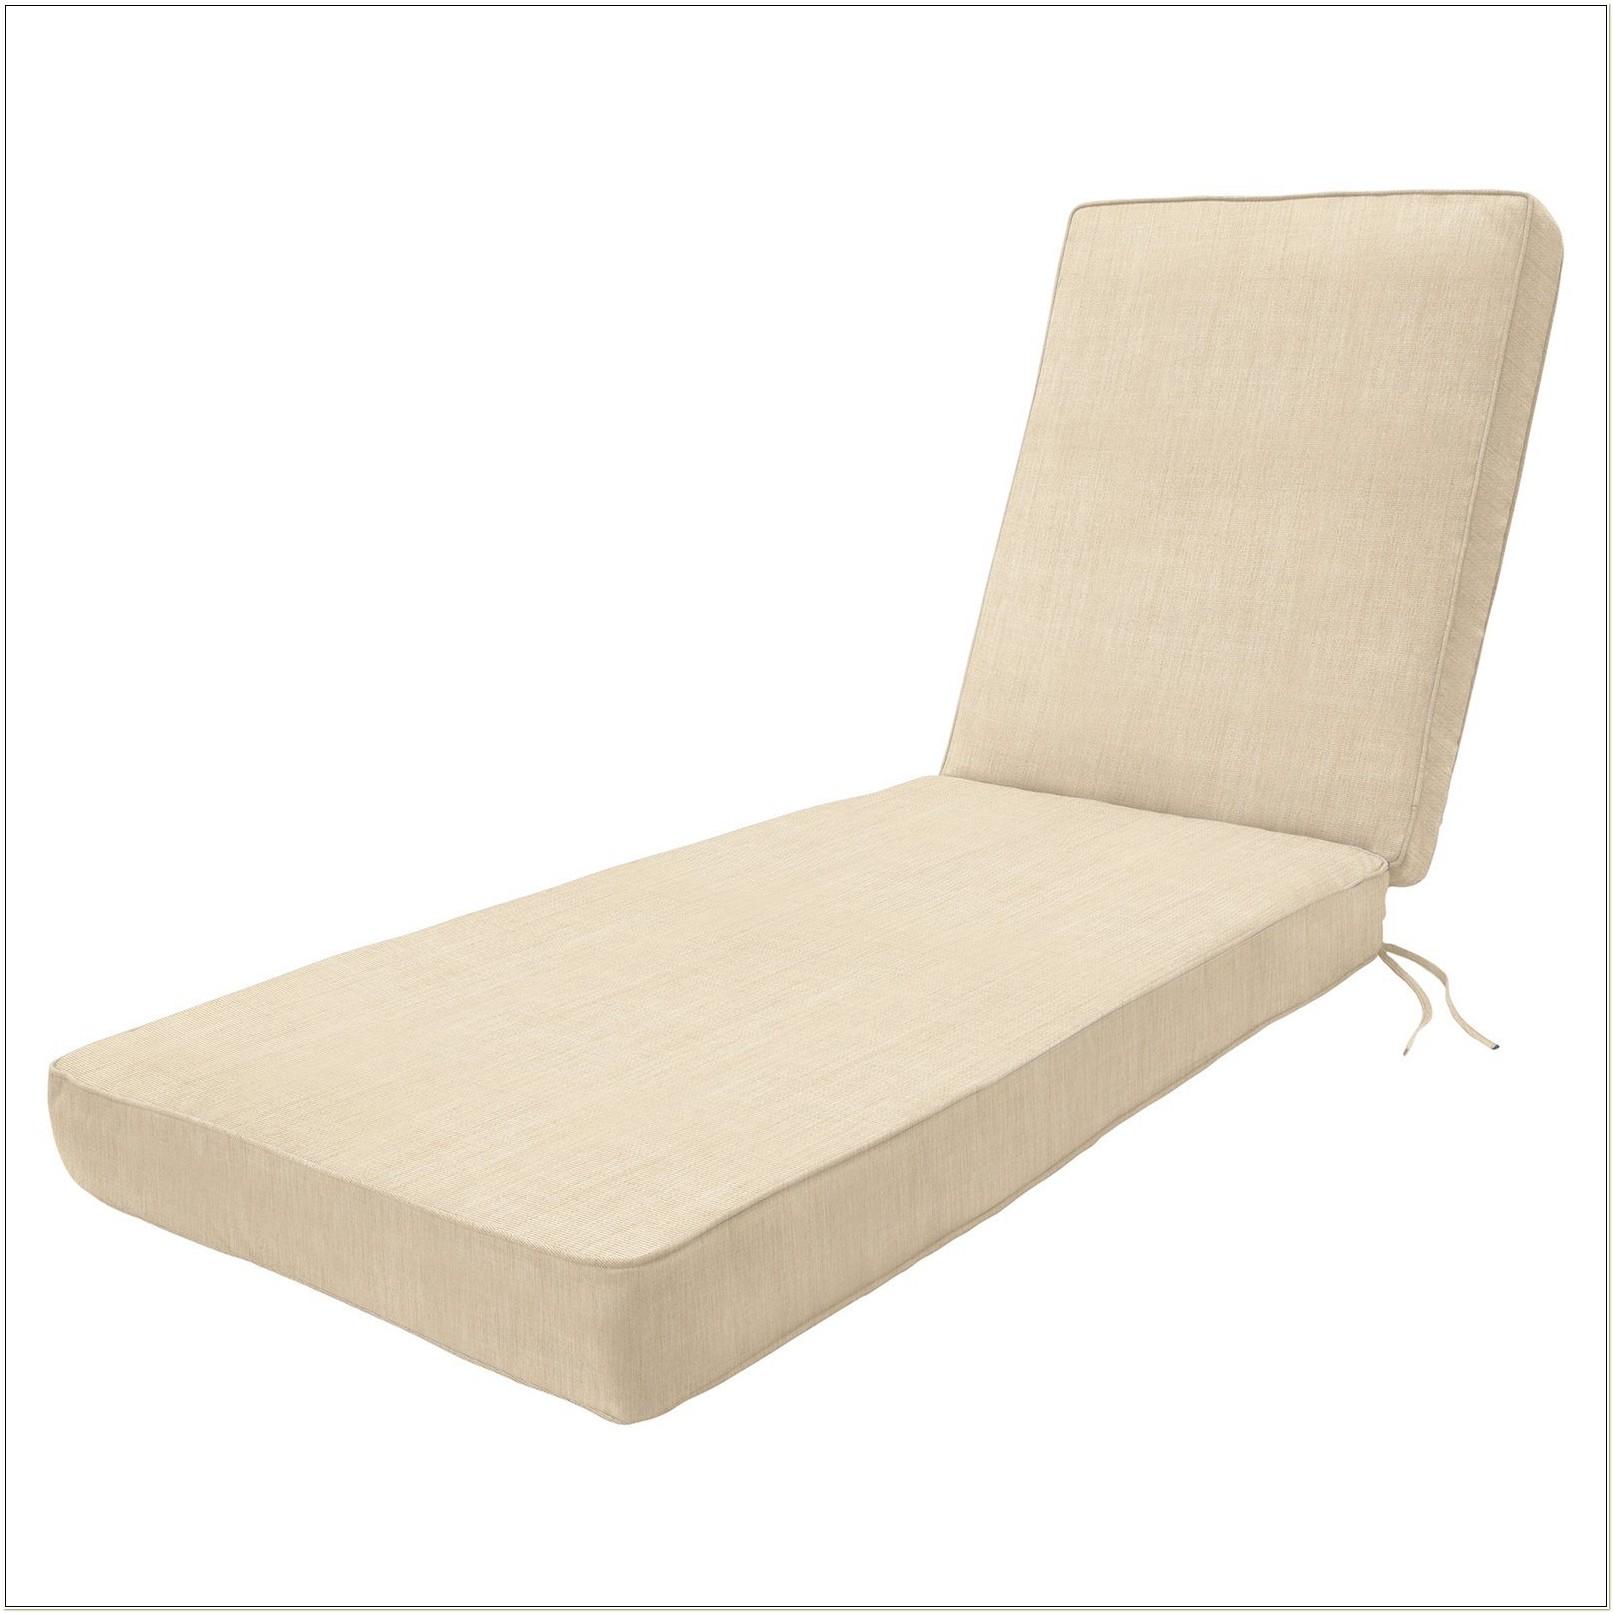 Eddie Bauer Outdoor Furniture Cushions